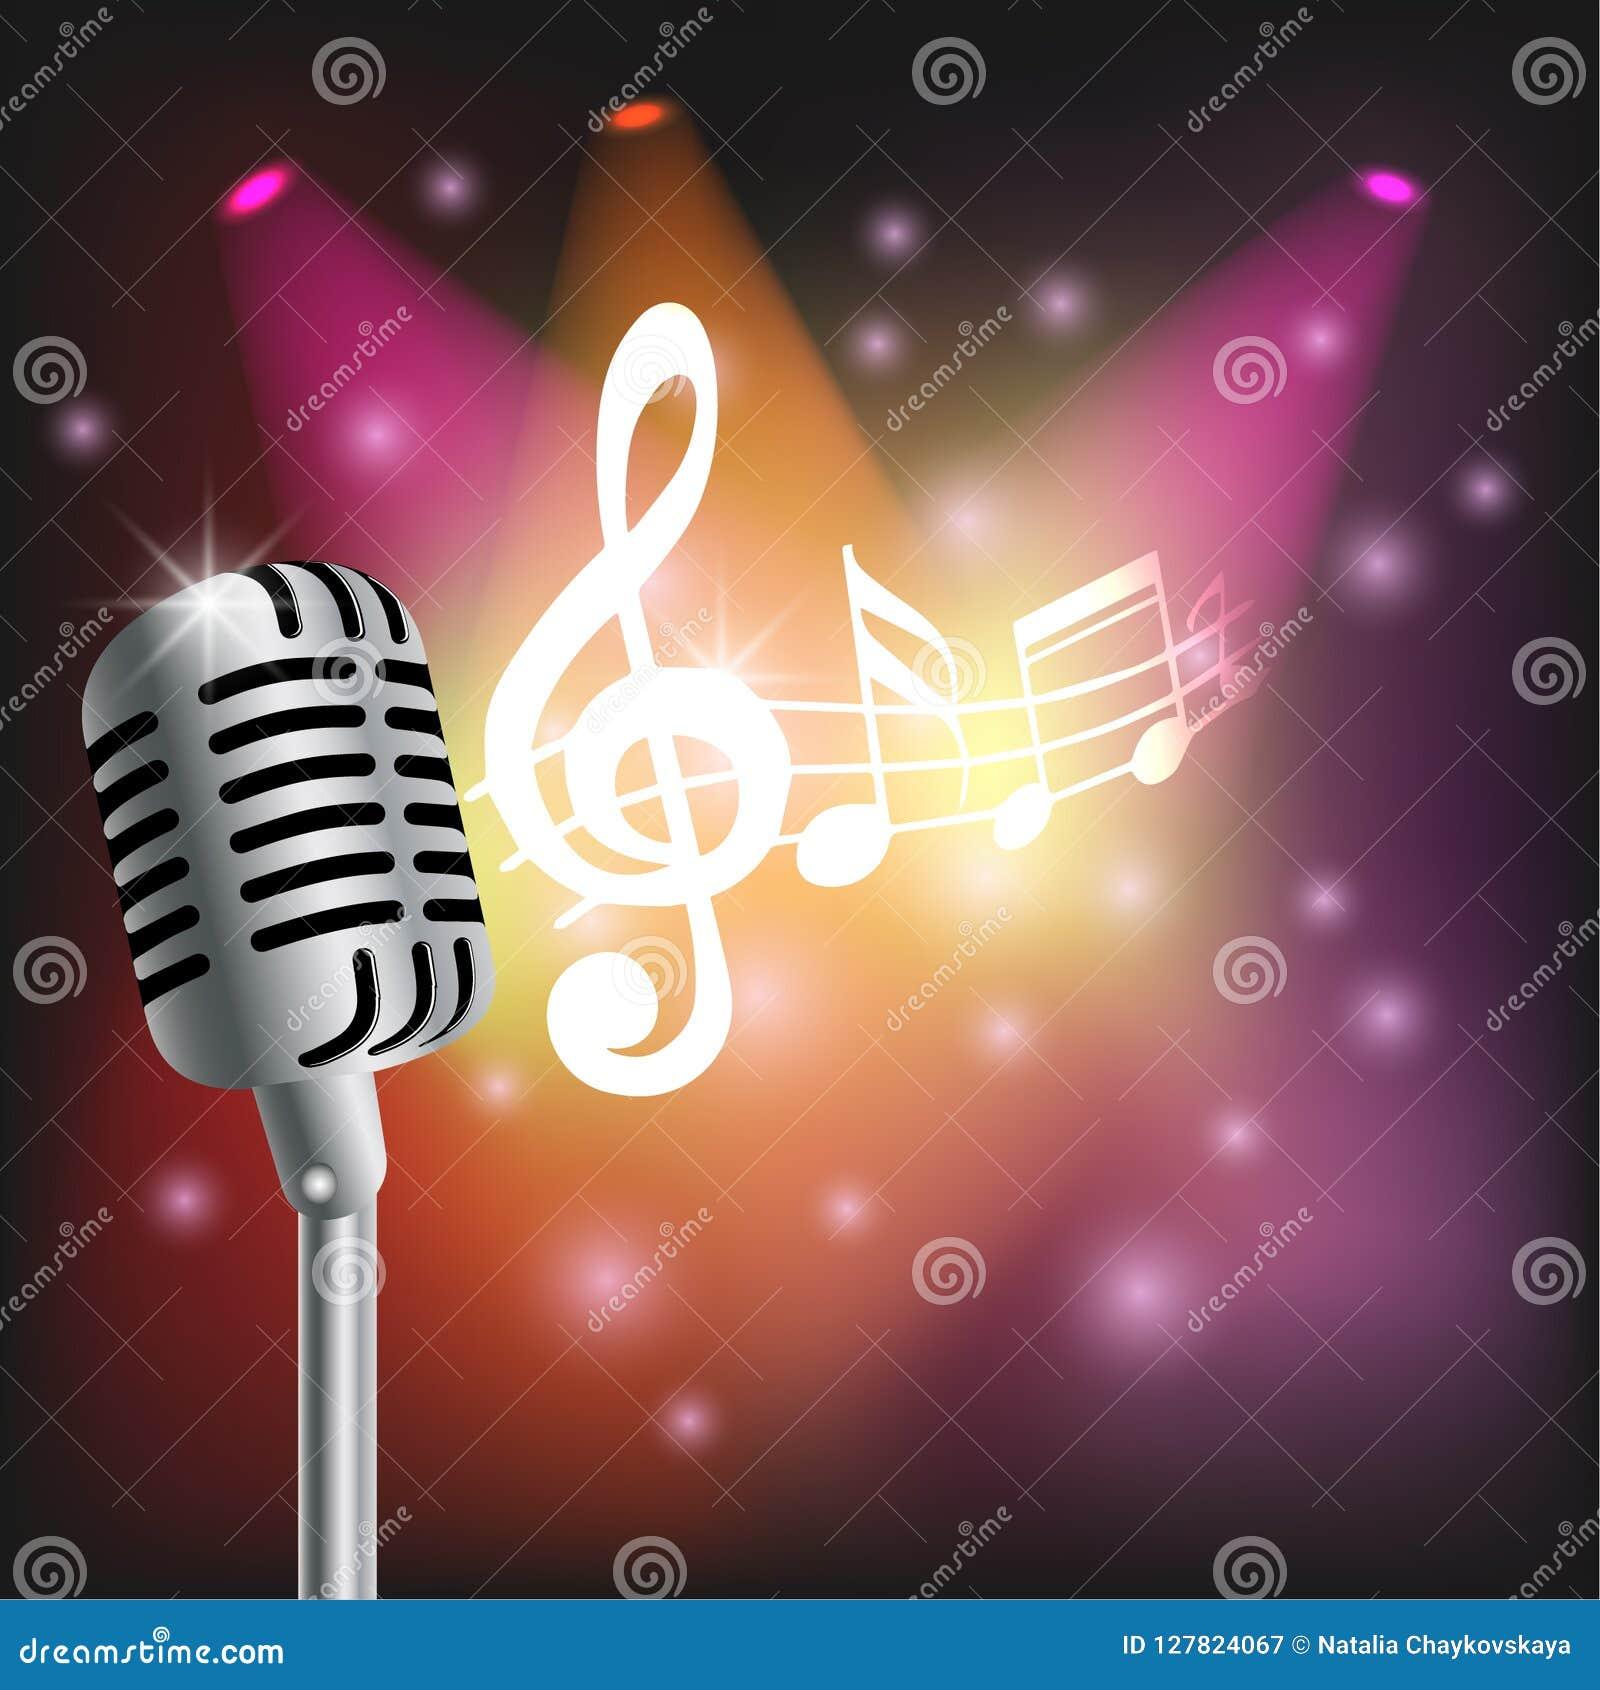 El micrófono realista del fondo de la música en documentos de base brillantes pone de relieve la luz